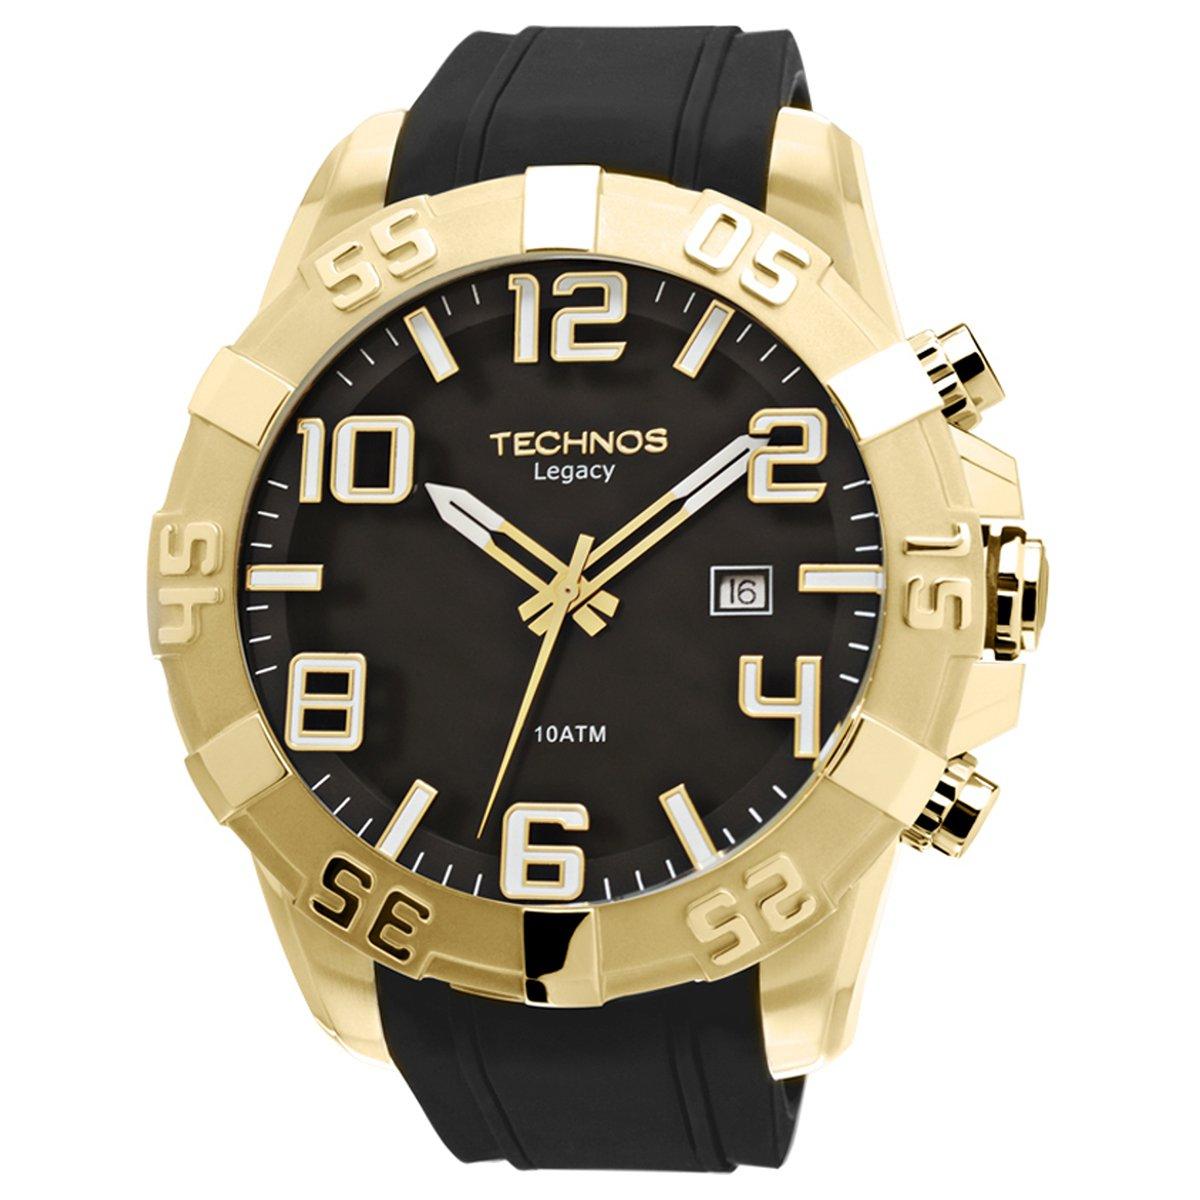 aa77d8a1570 Relógio Technos Legacy - Compre Agora